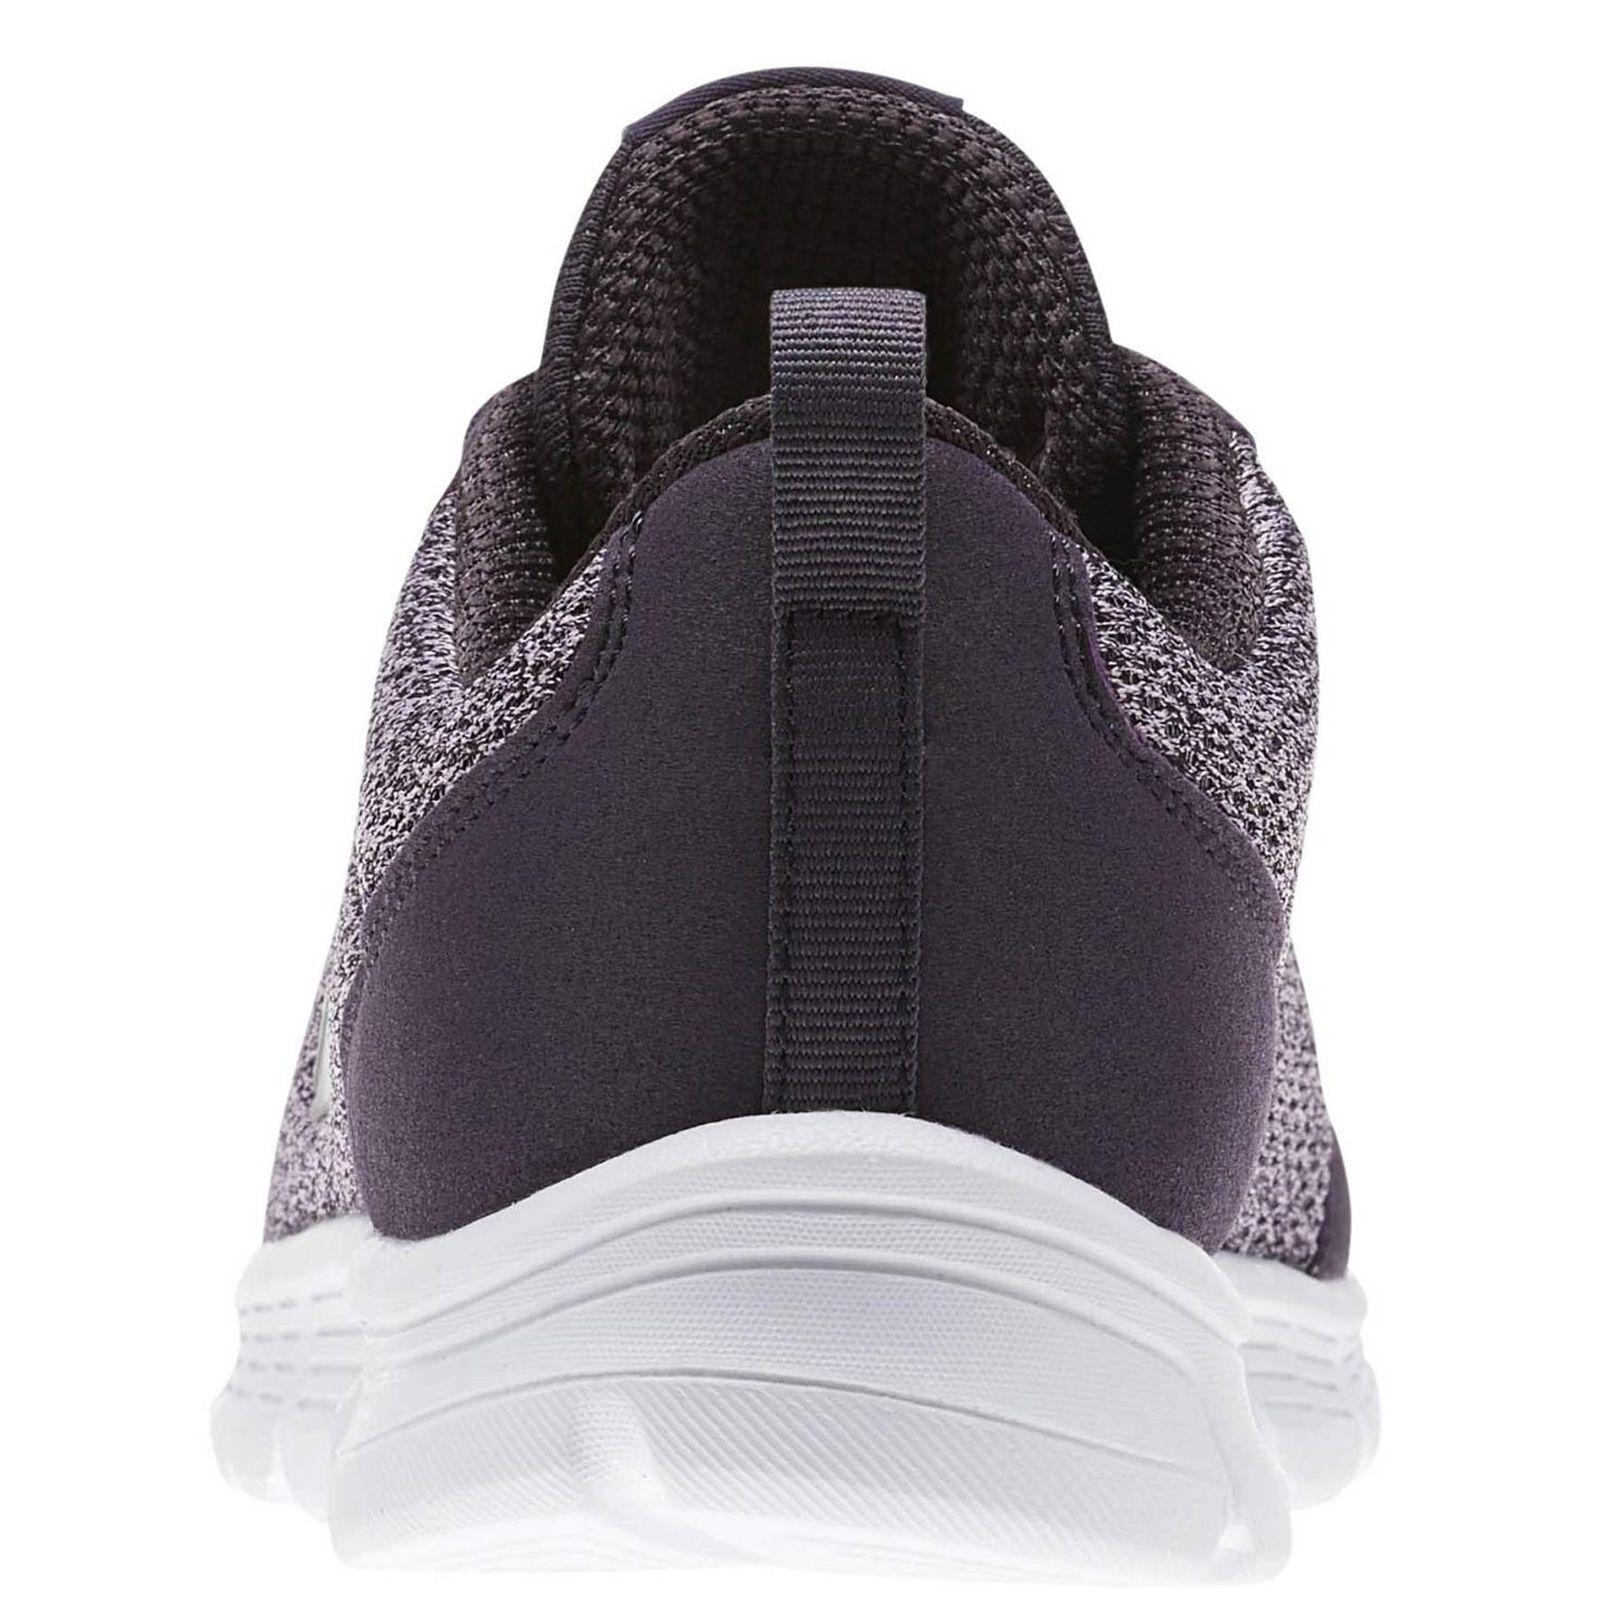 کفش مخصوص دویدن زنانه ریباک مدل Speedlux 3-0 - طوسي - 3